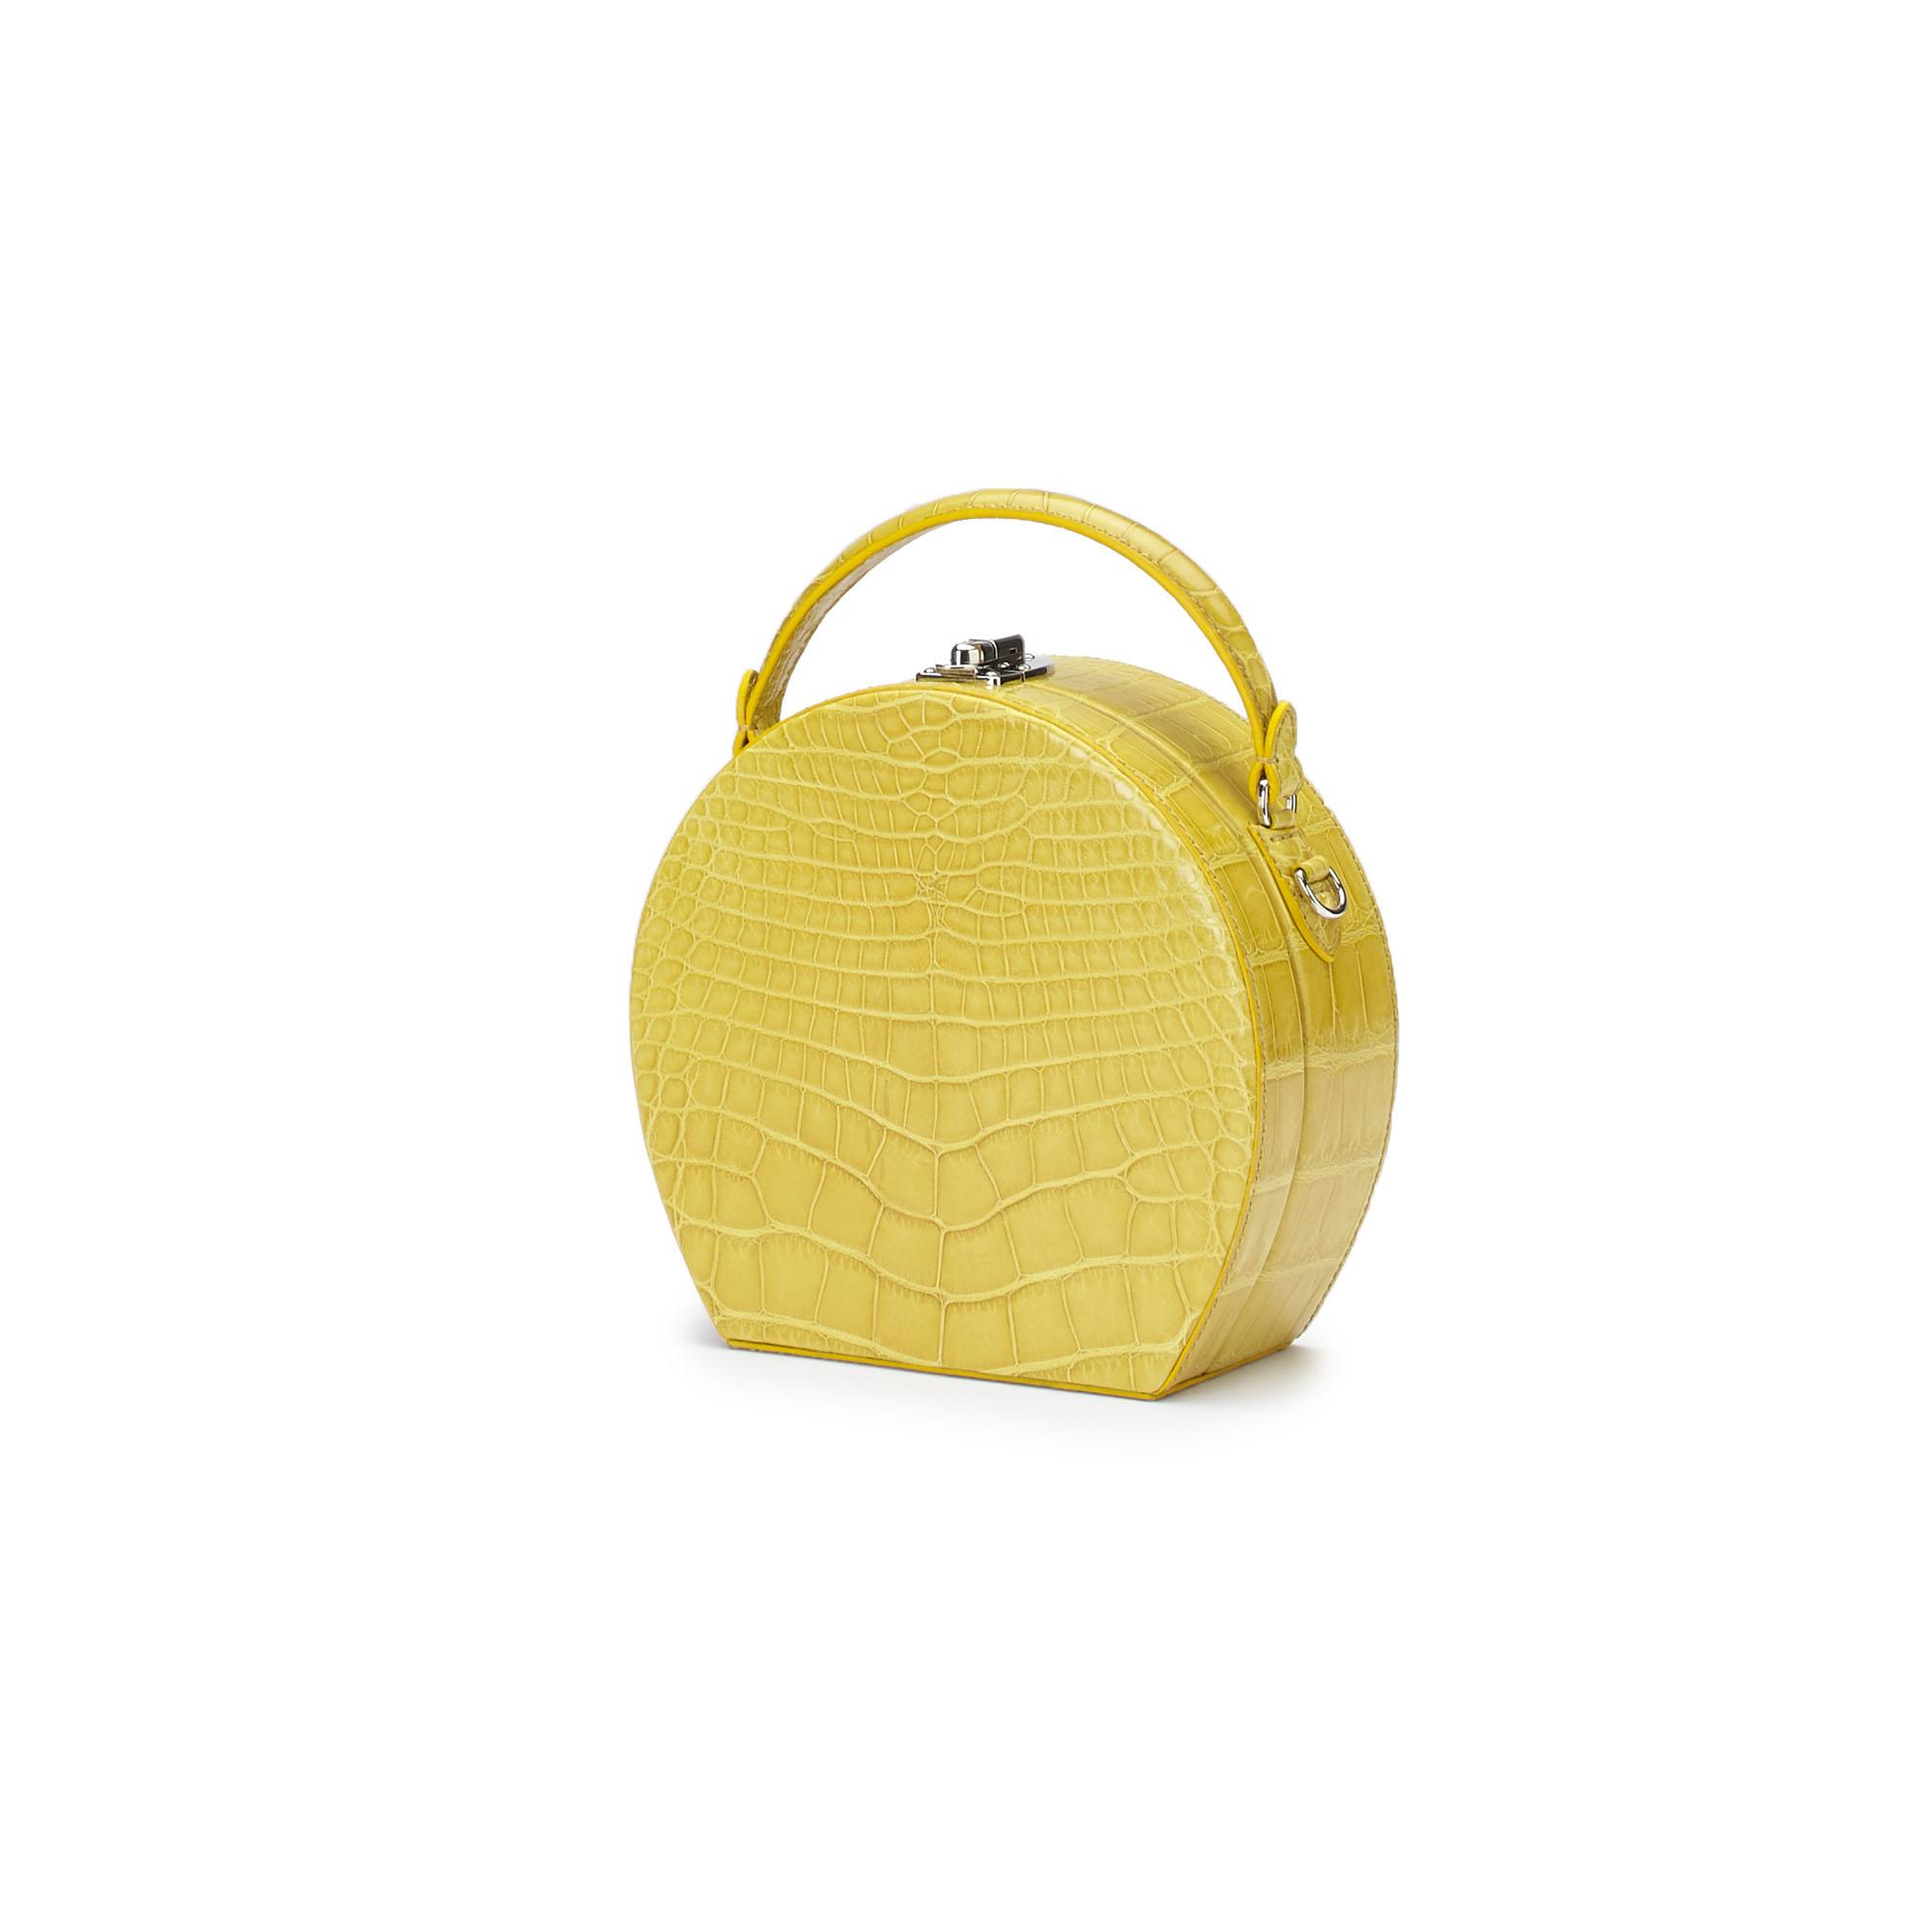 The yellow alligator Regular Bertoncina bag by Bertoni 1949 02